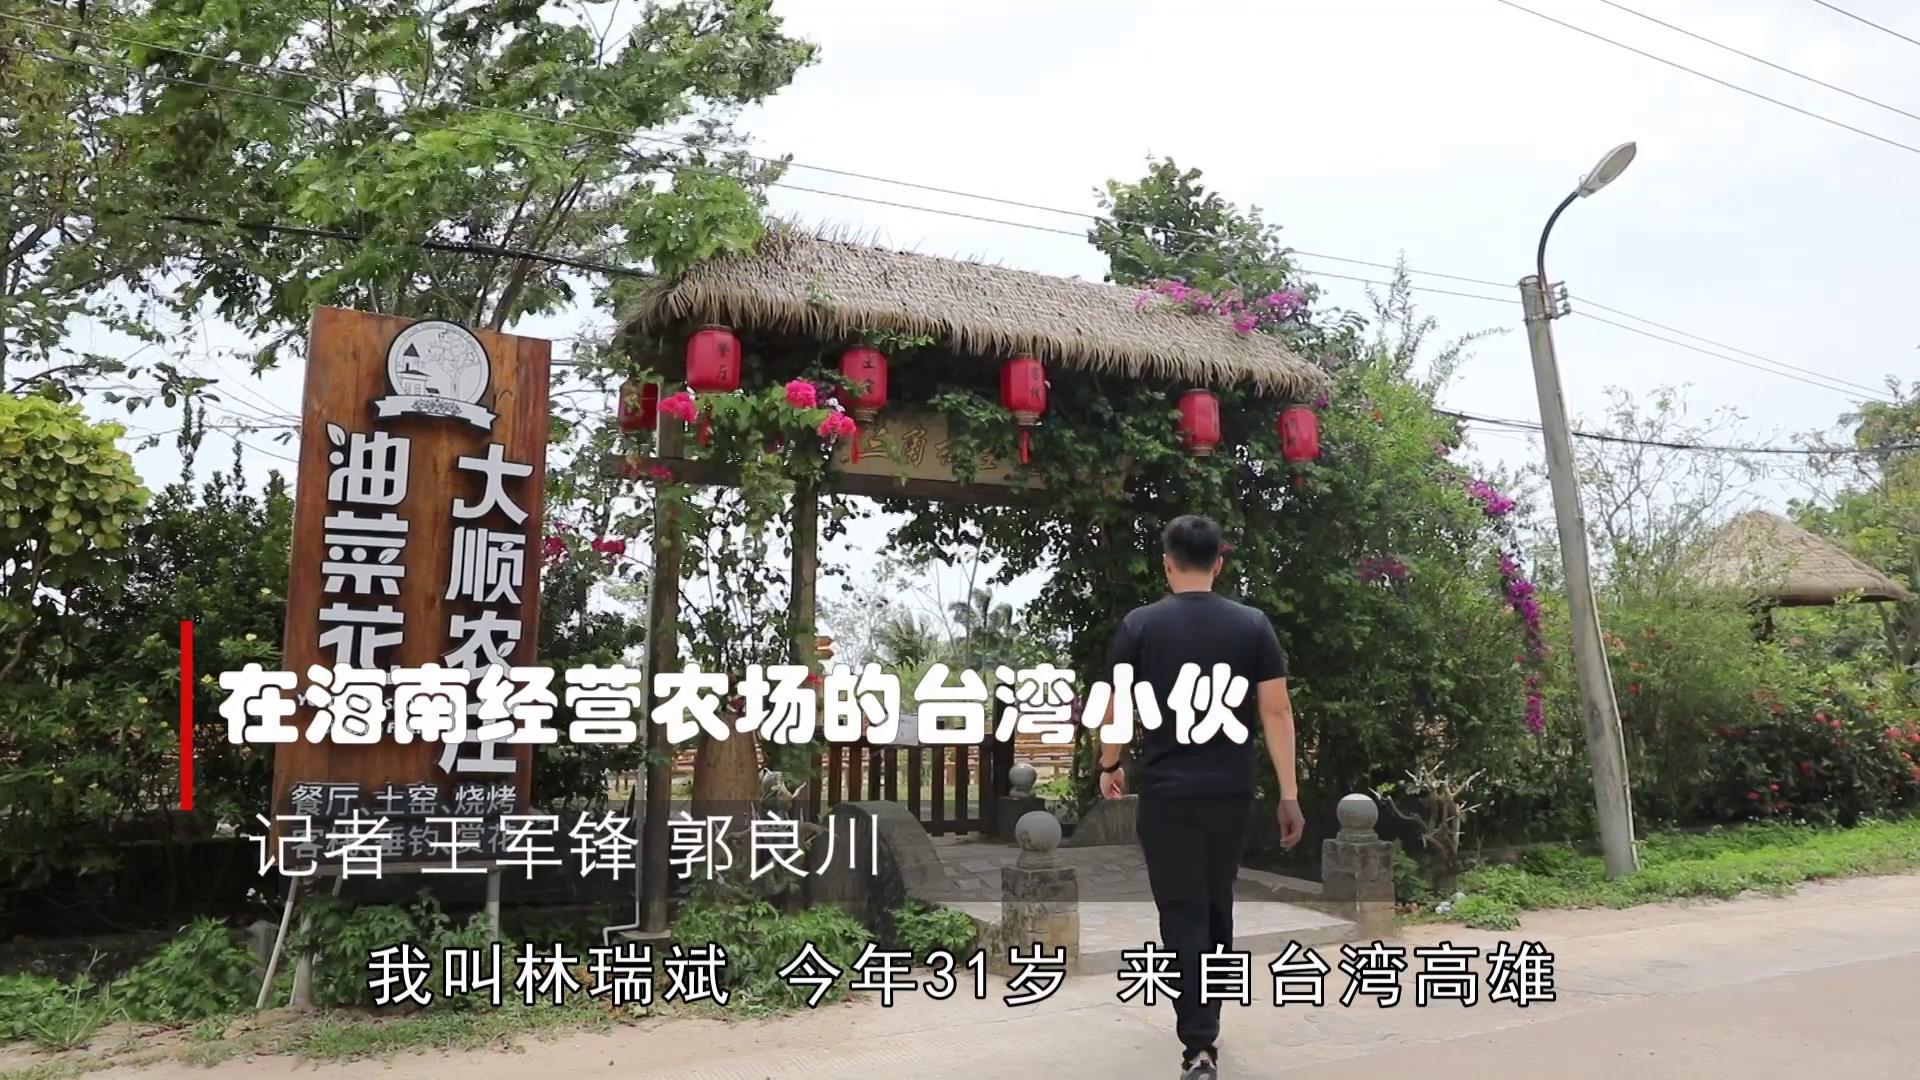 海南青年台商林瑞斌的現代農場轉型試驗图片